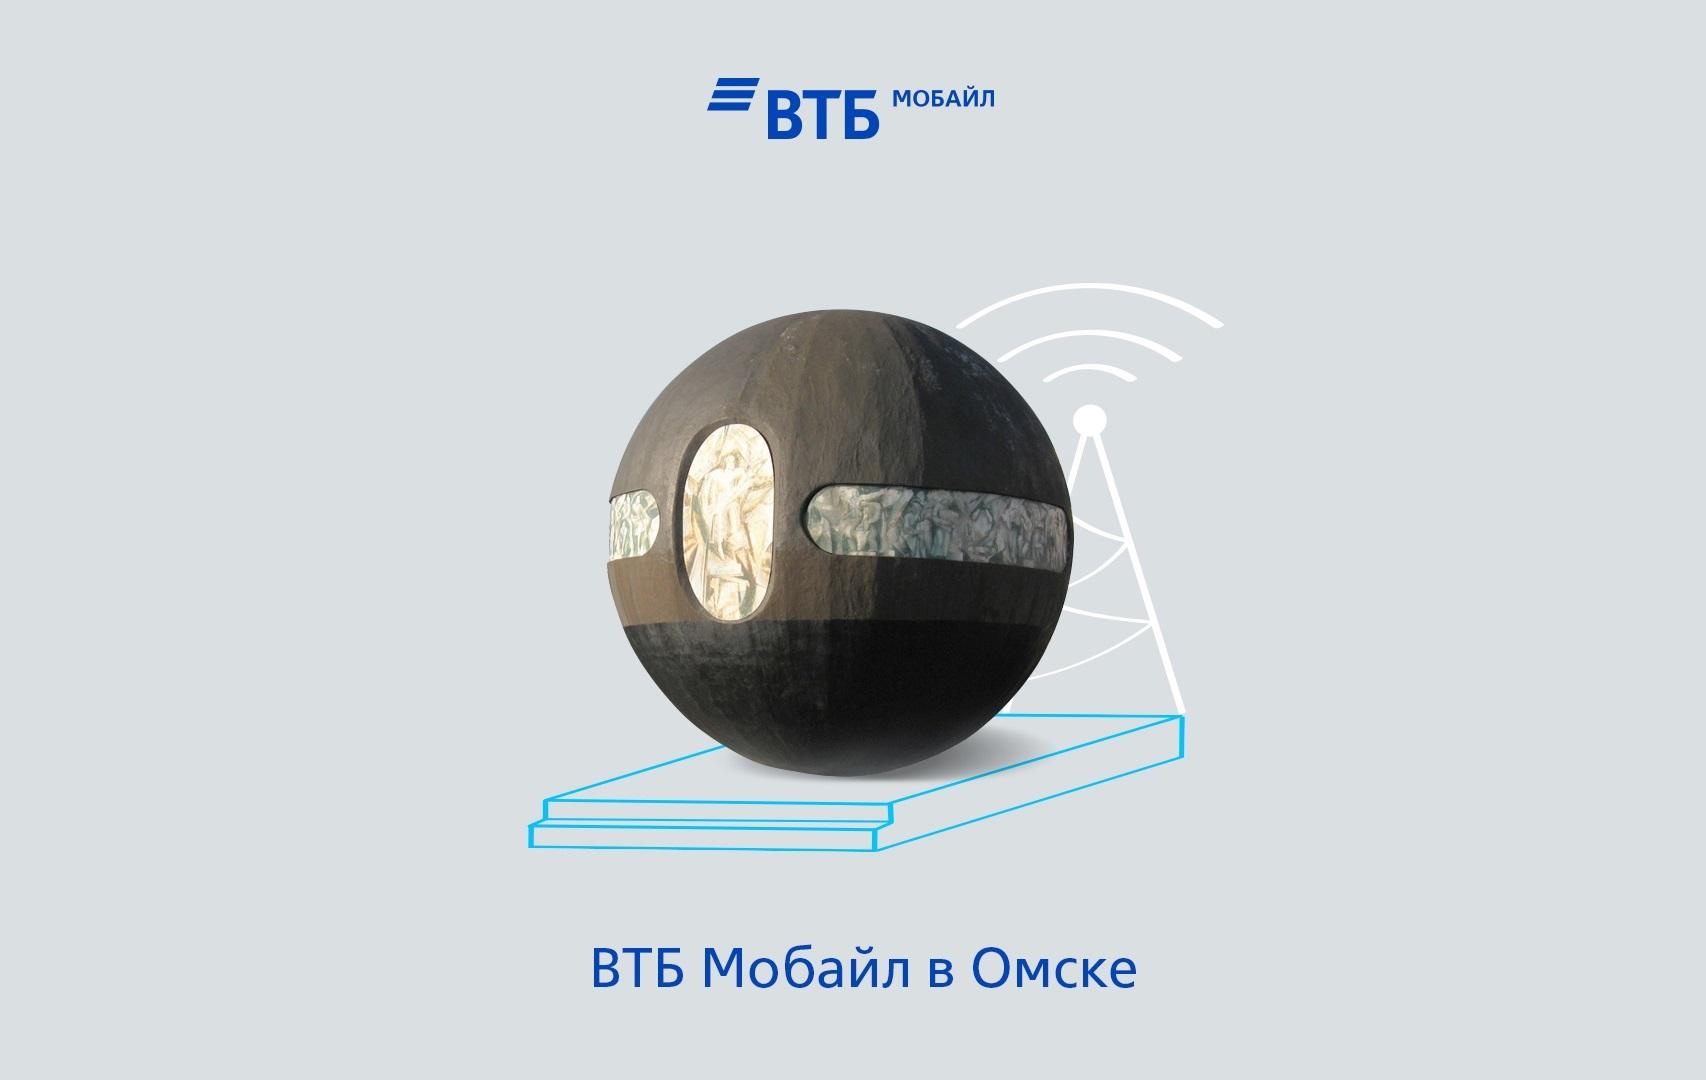 ВТБ Мобайл запустил сеть в Омске